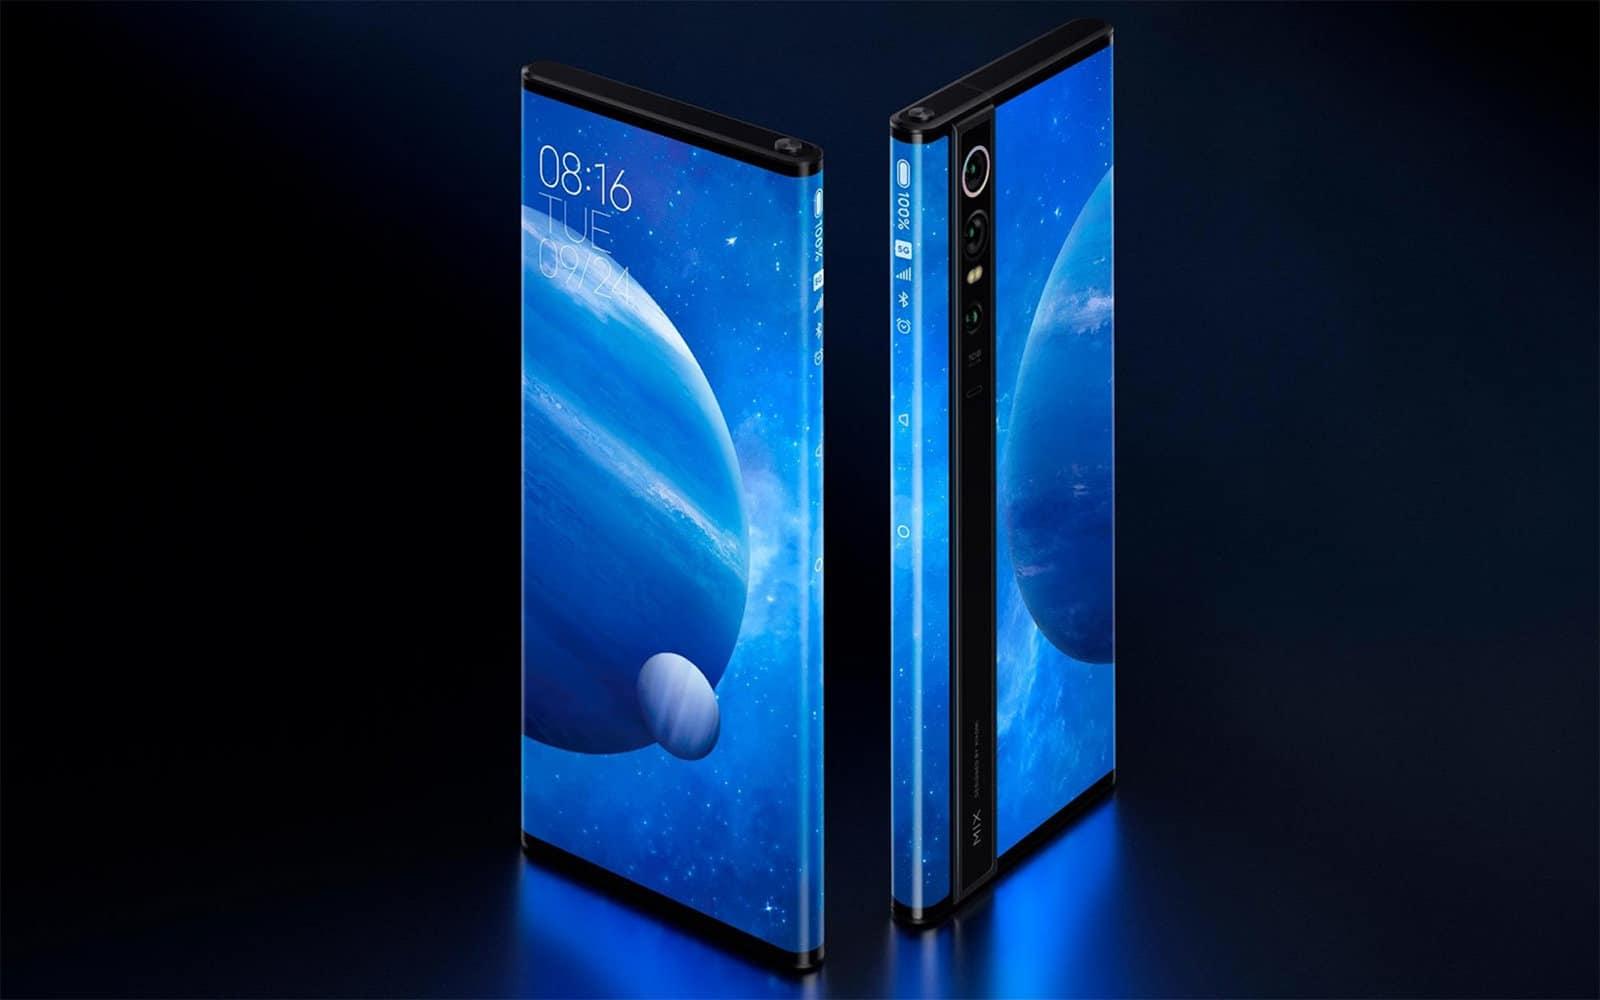 Dieses Telefon von Xiaomi ist wie jeder Bildschirm und ich weiß nicht, wie ich mich dabei fühle 1